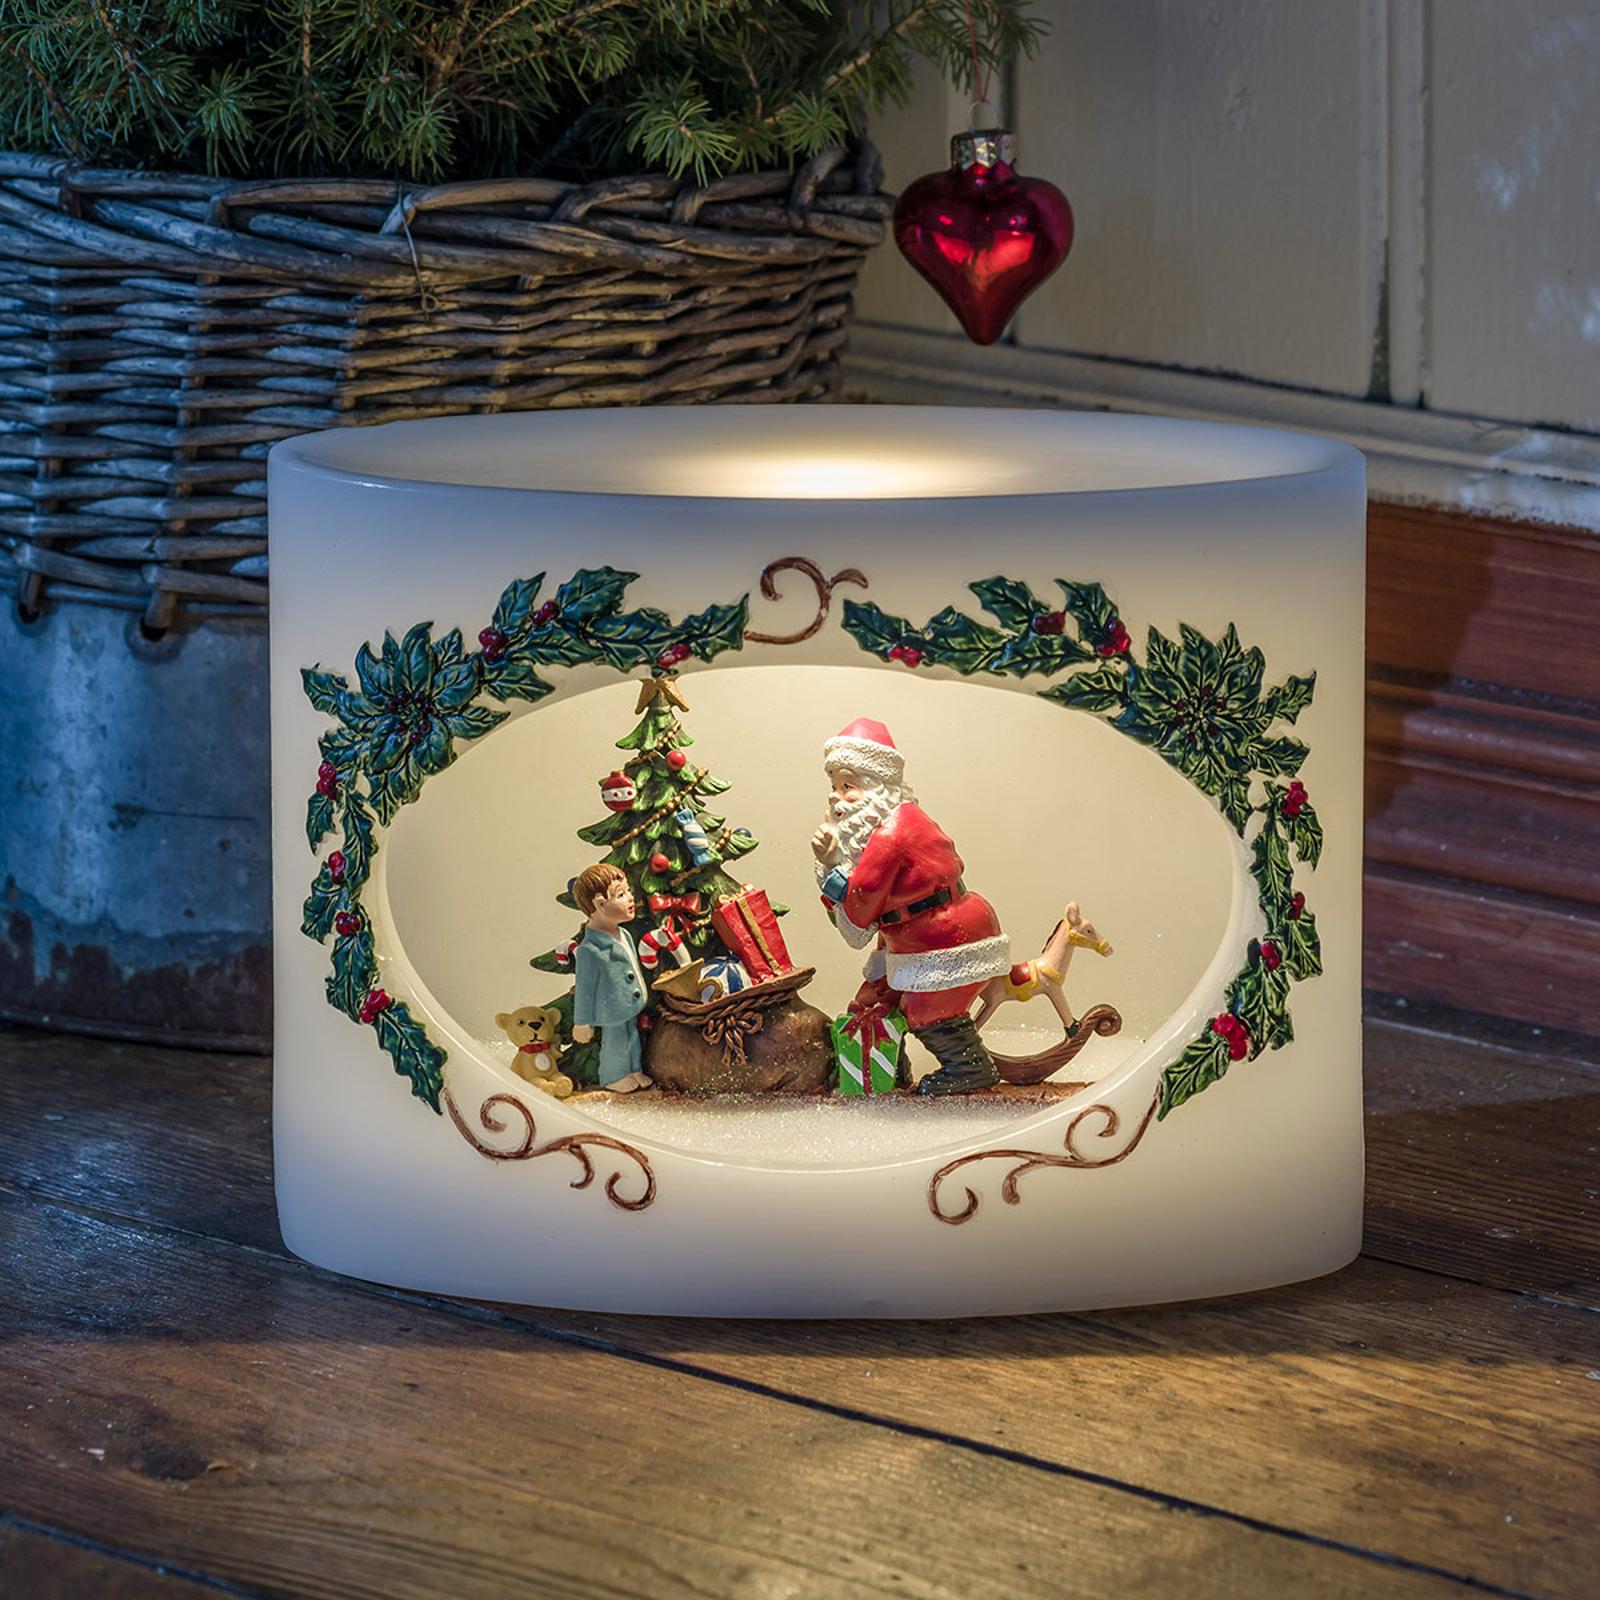 Echtwachskerze LED Weihnachtsmann mit Kind